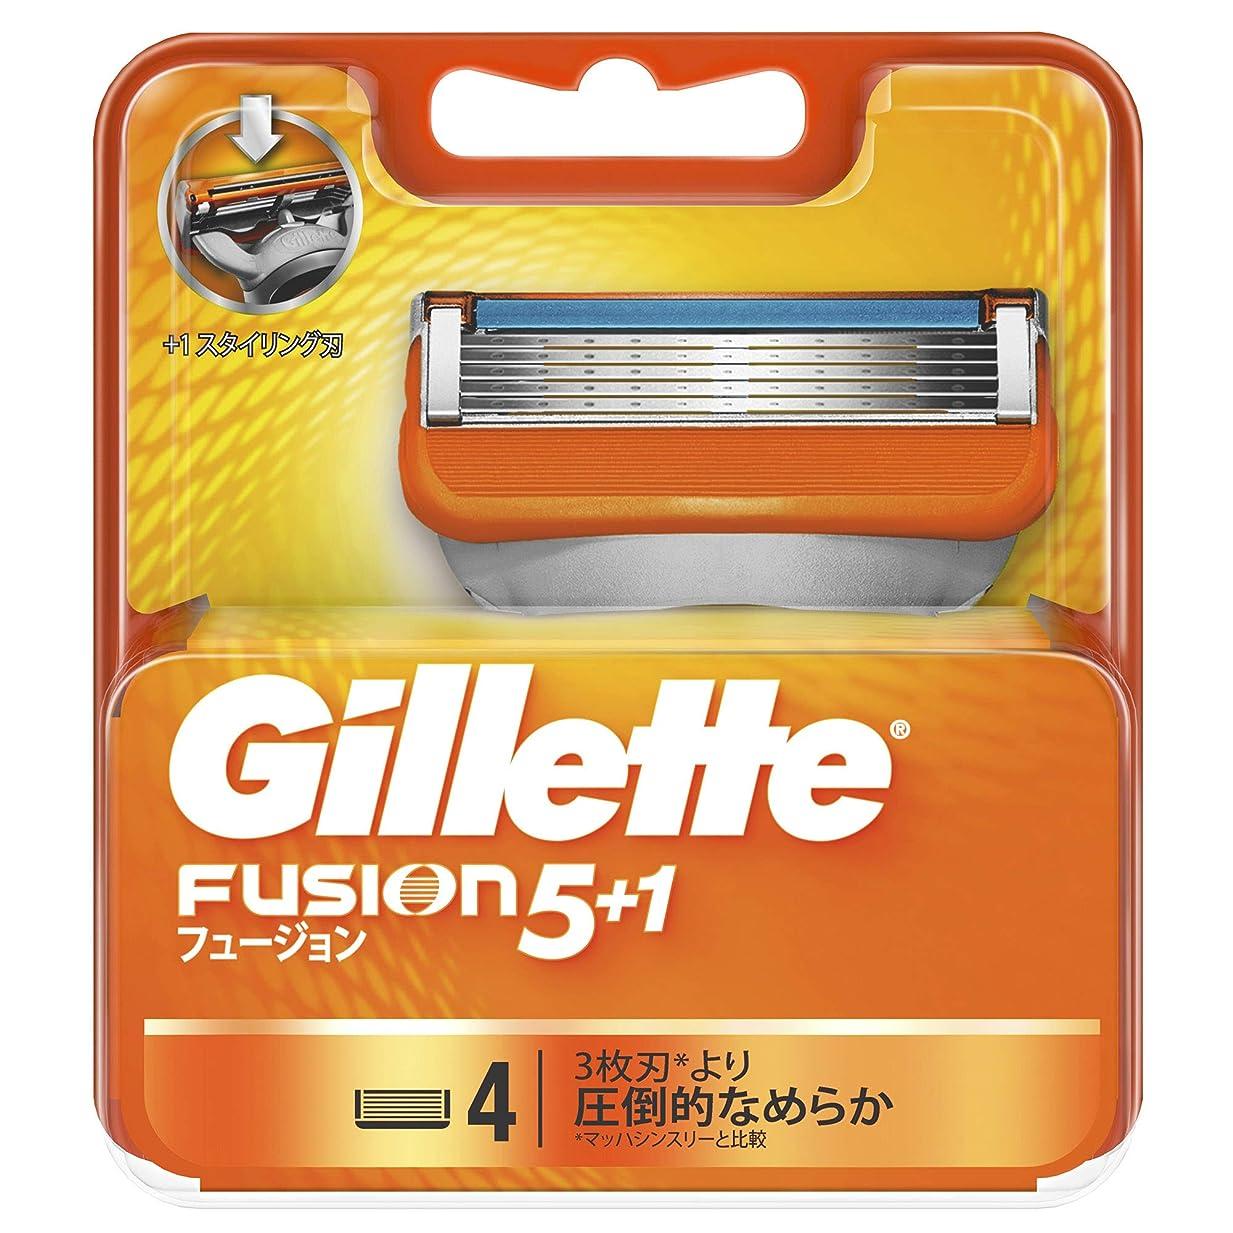 買い手周辺いとこジレット フュージョン5+1 マニュアル 髭剃り 替刃 4コ入